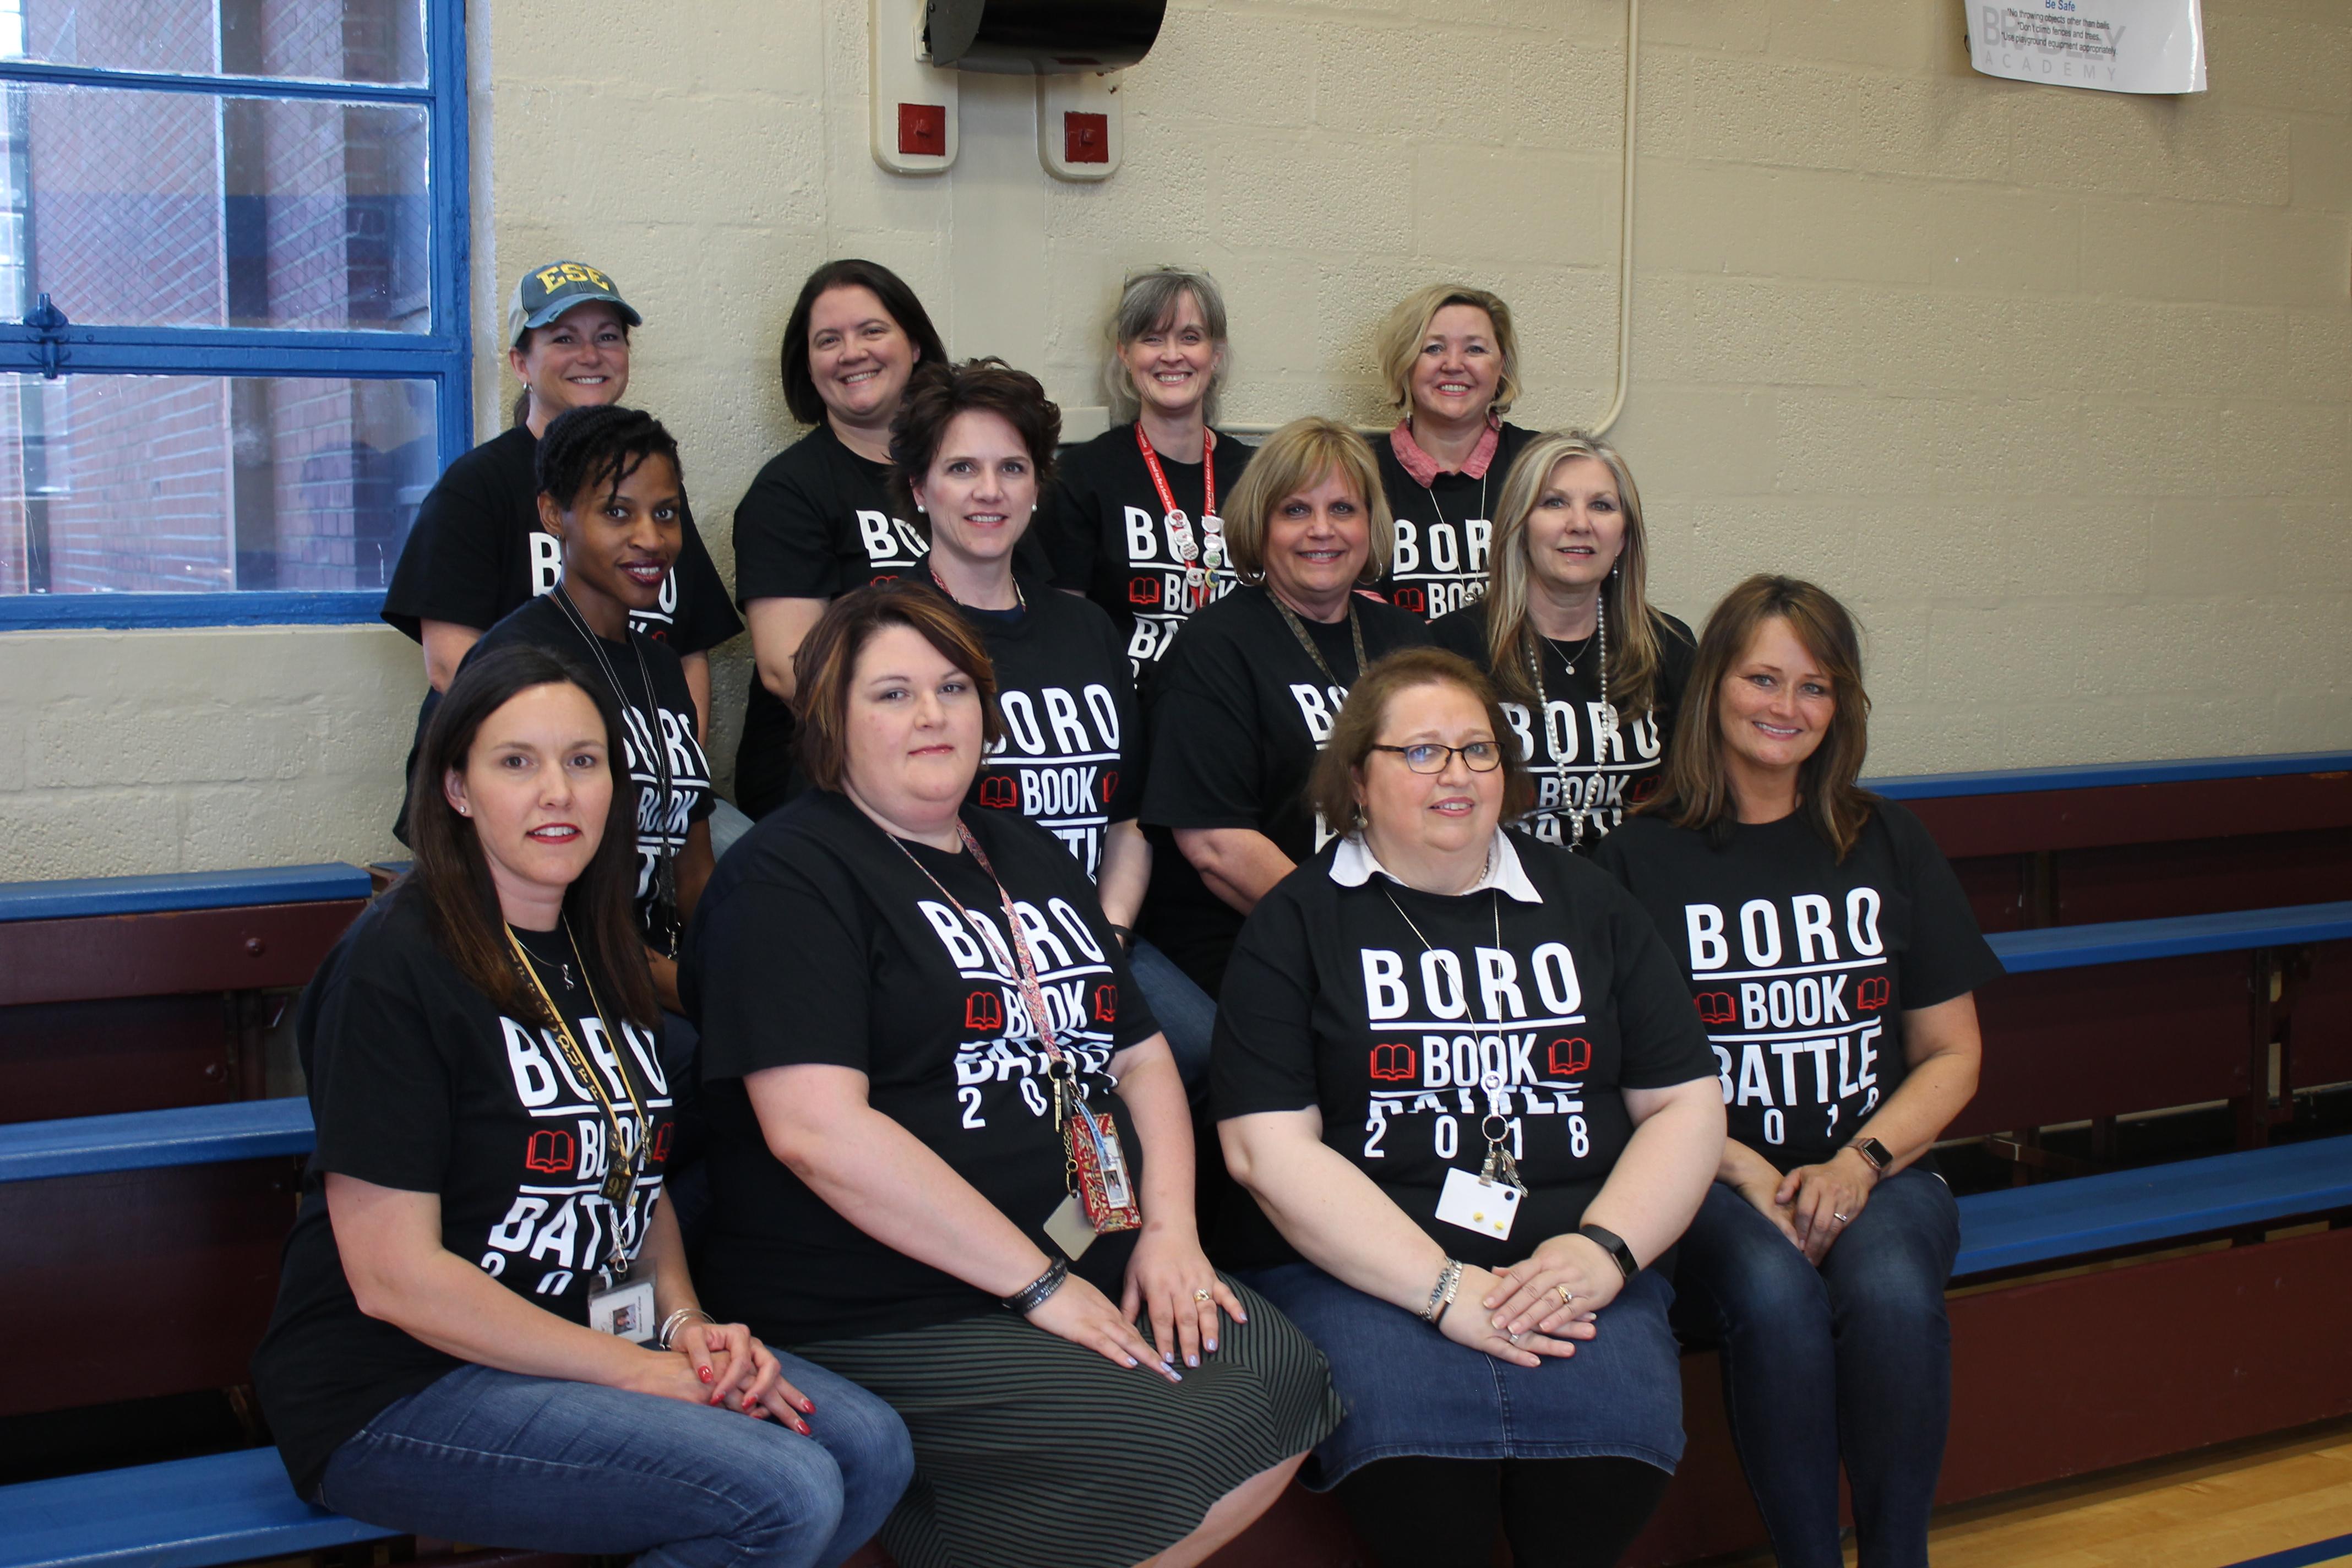 Murfreesboro City Schools to Host Fifth Annual Boro Book Battle